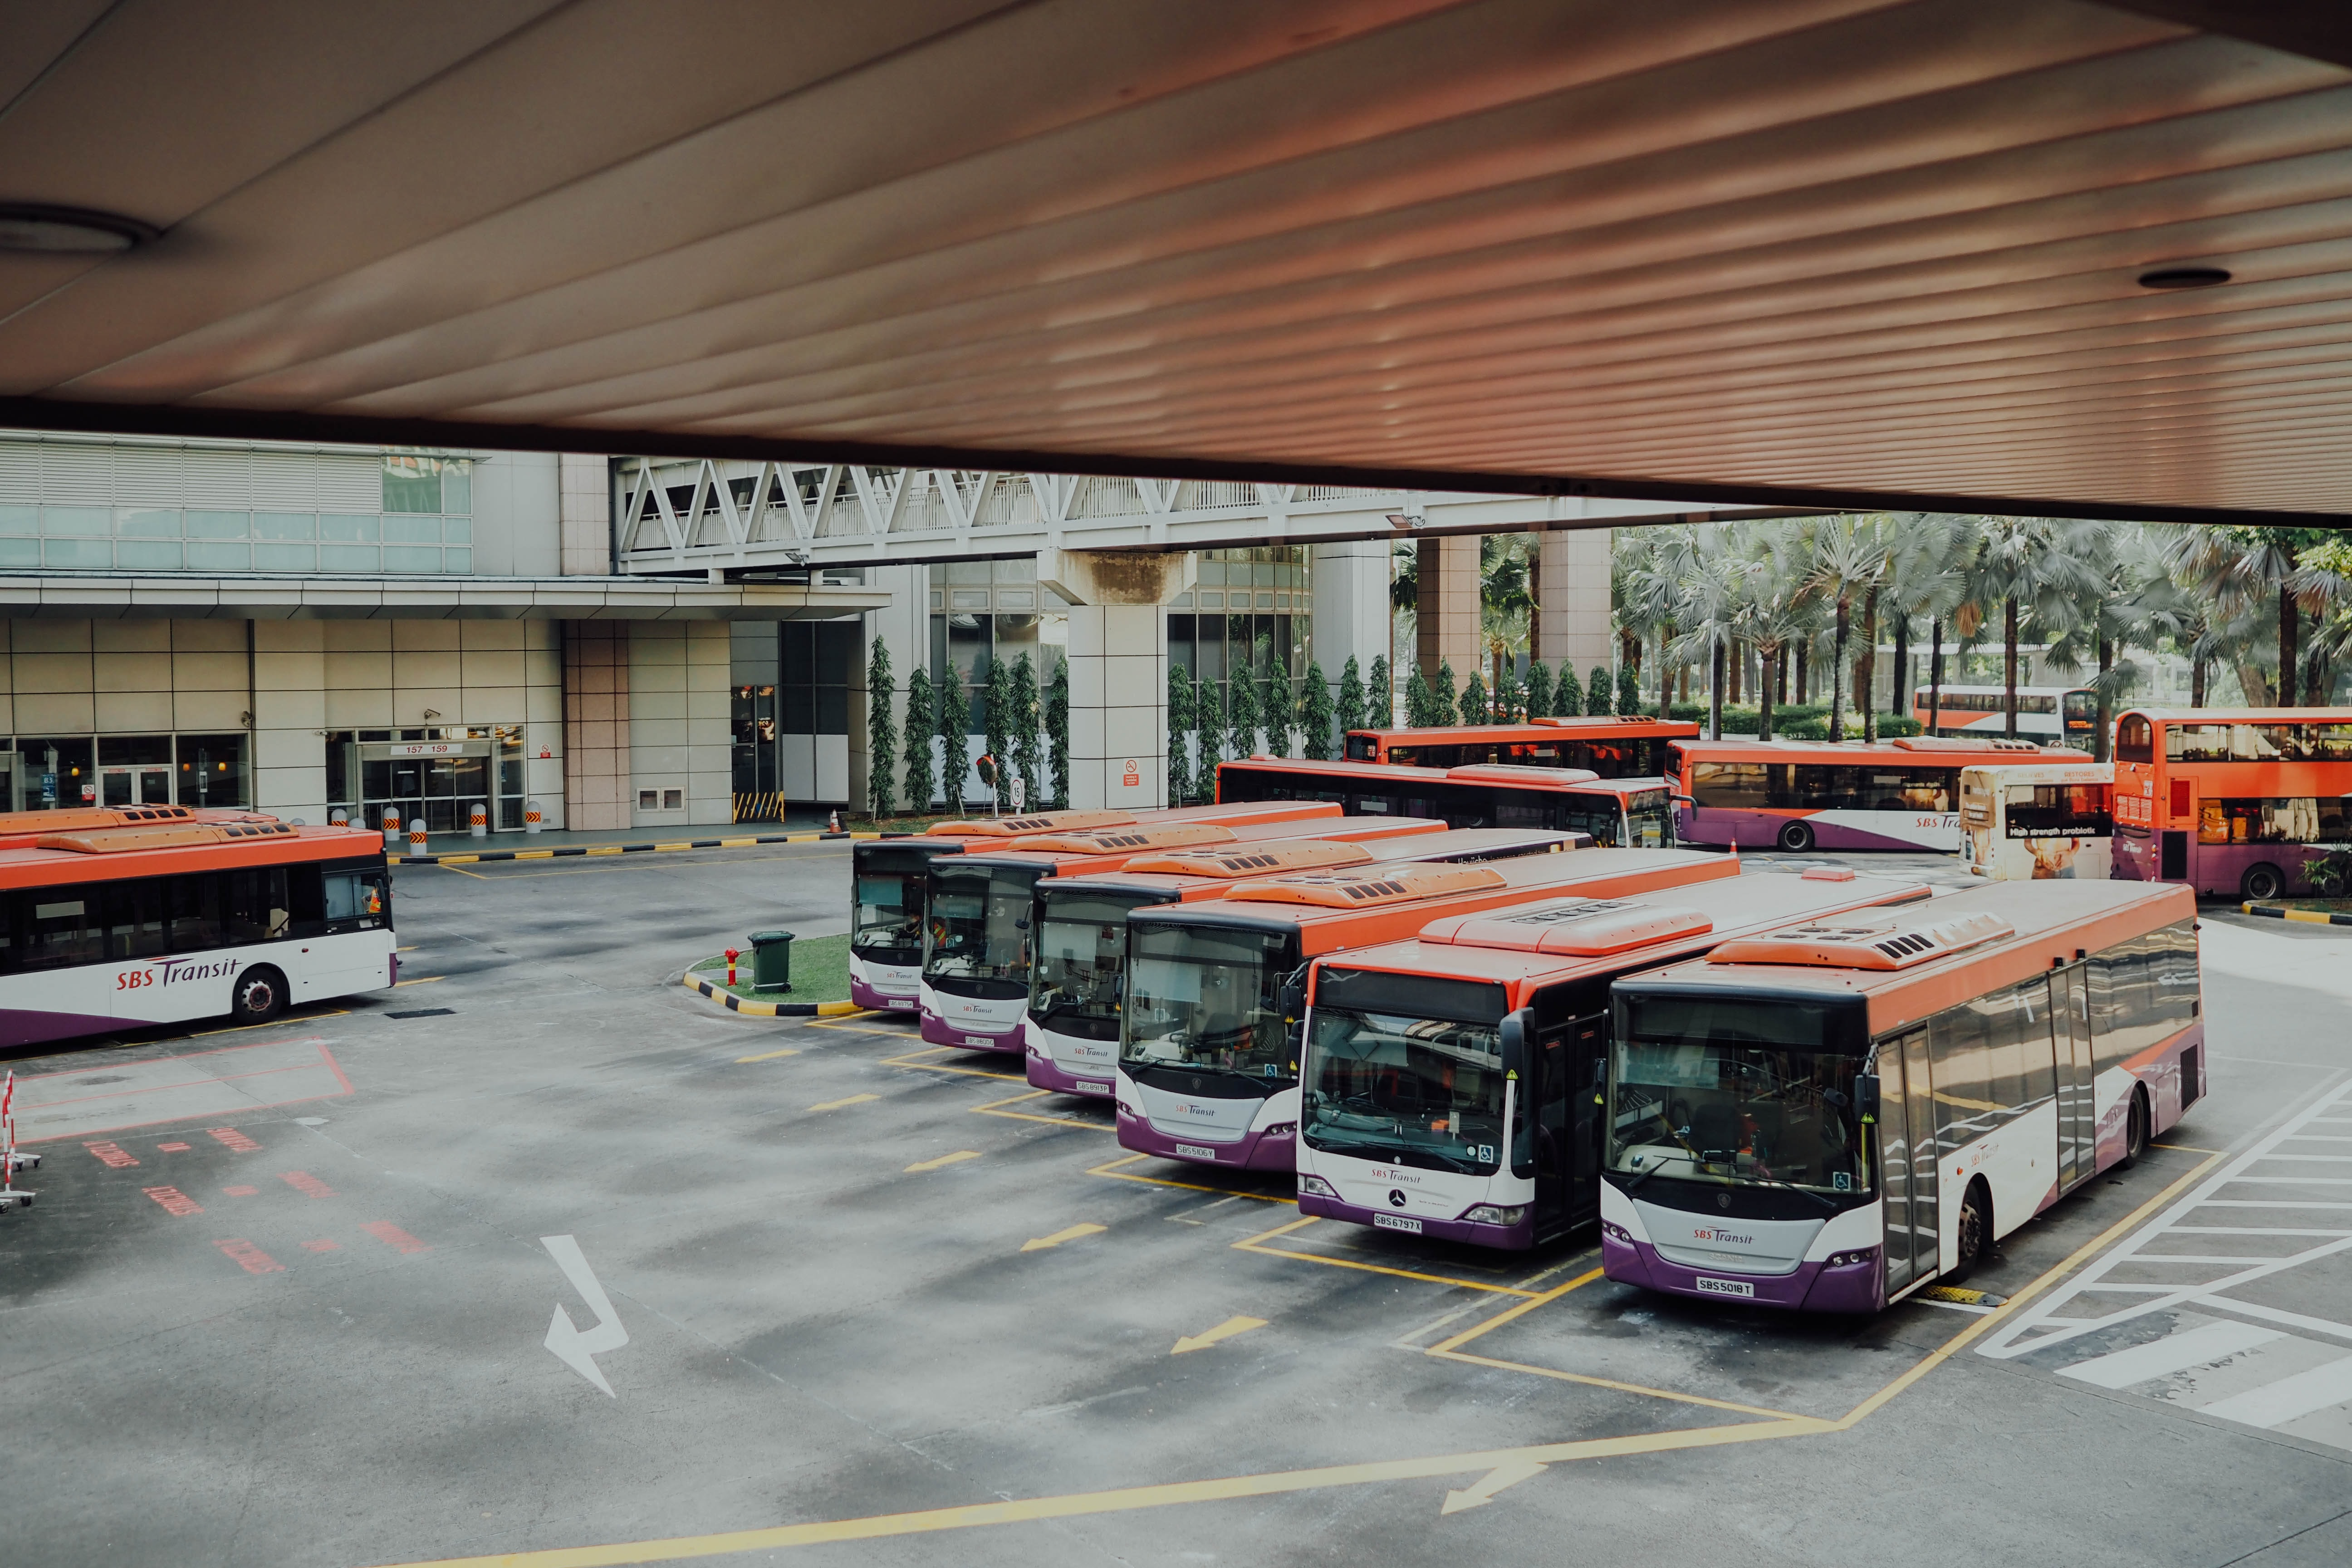 庄内空港の連絡バス情報まとめ!乗り場や料金・時刻表もチェック!